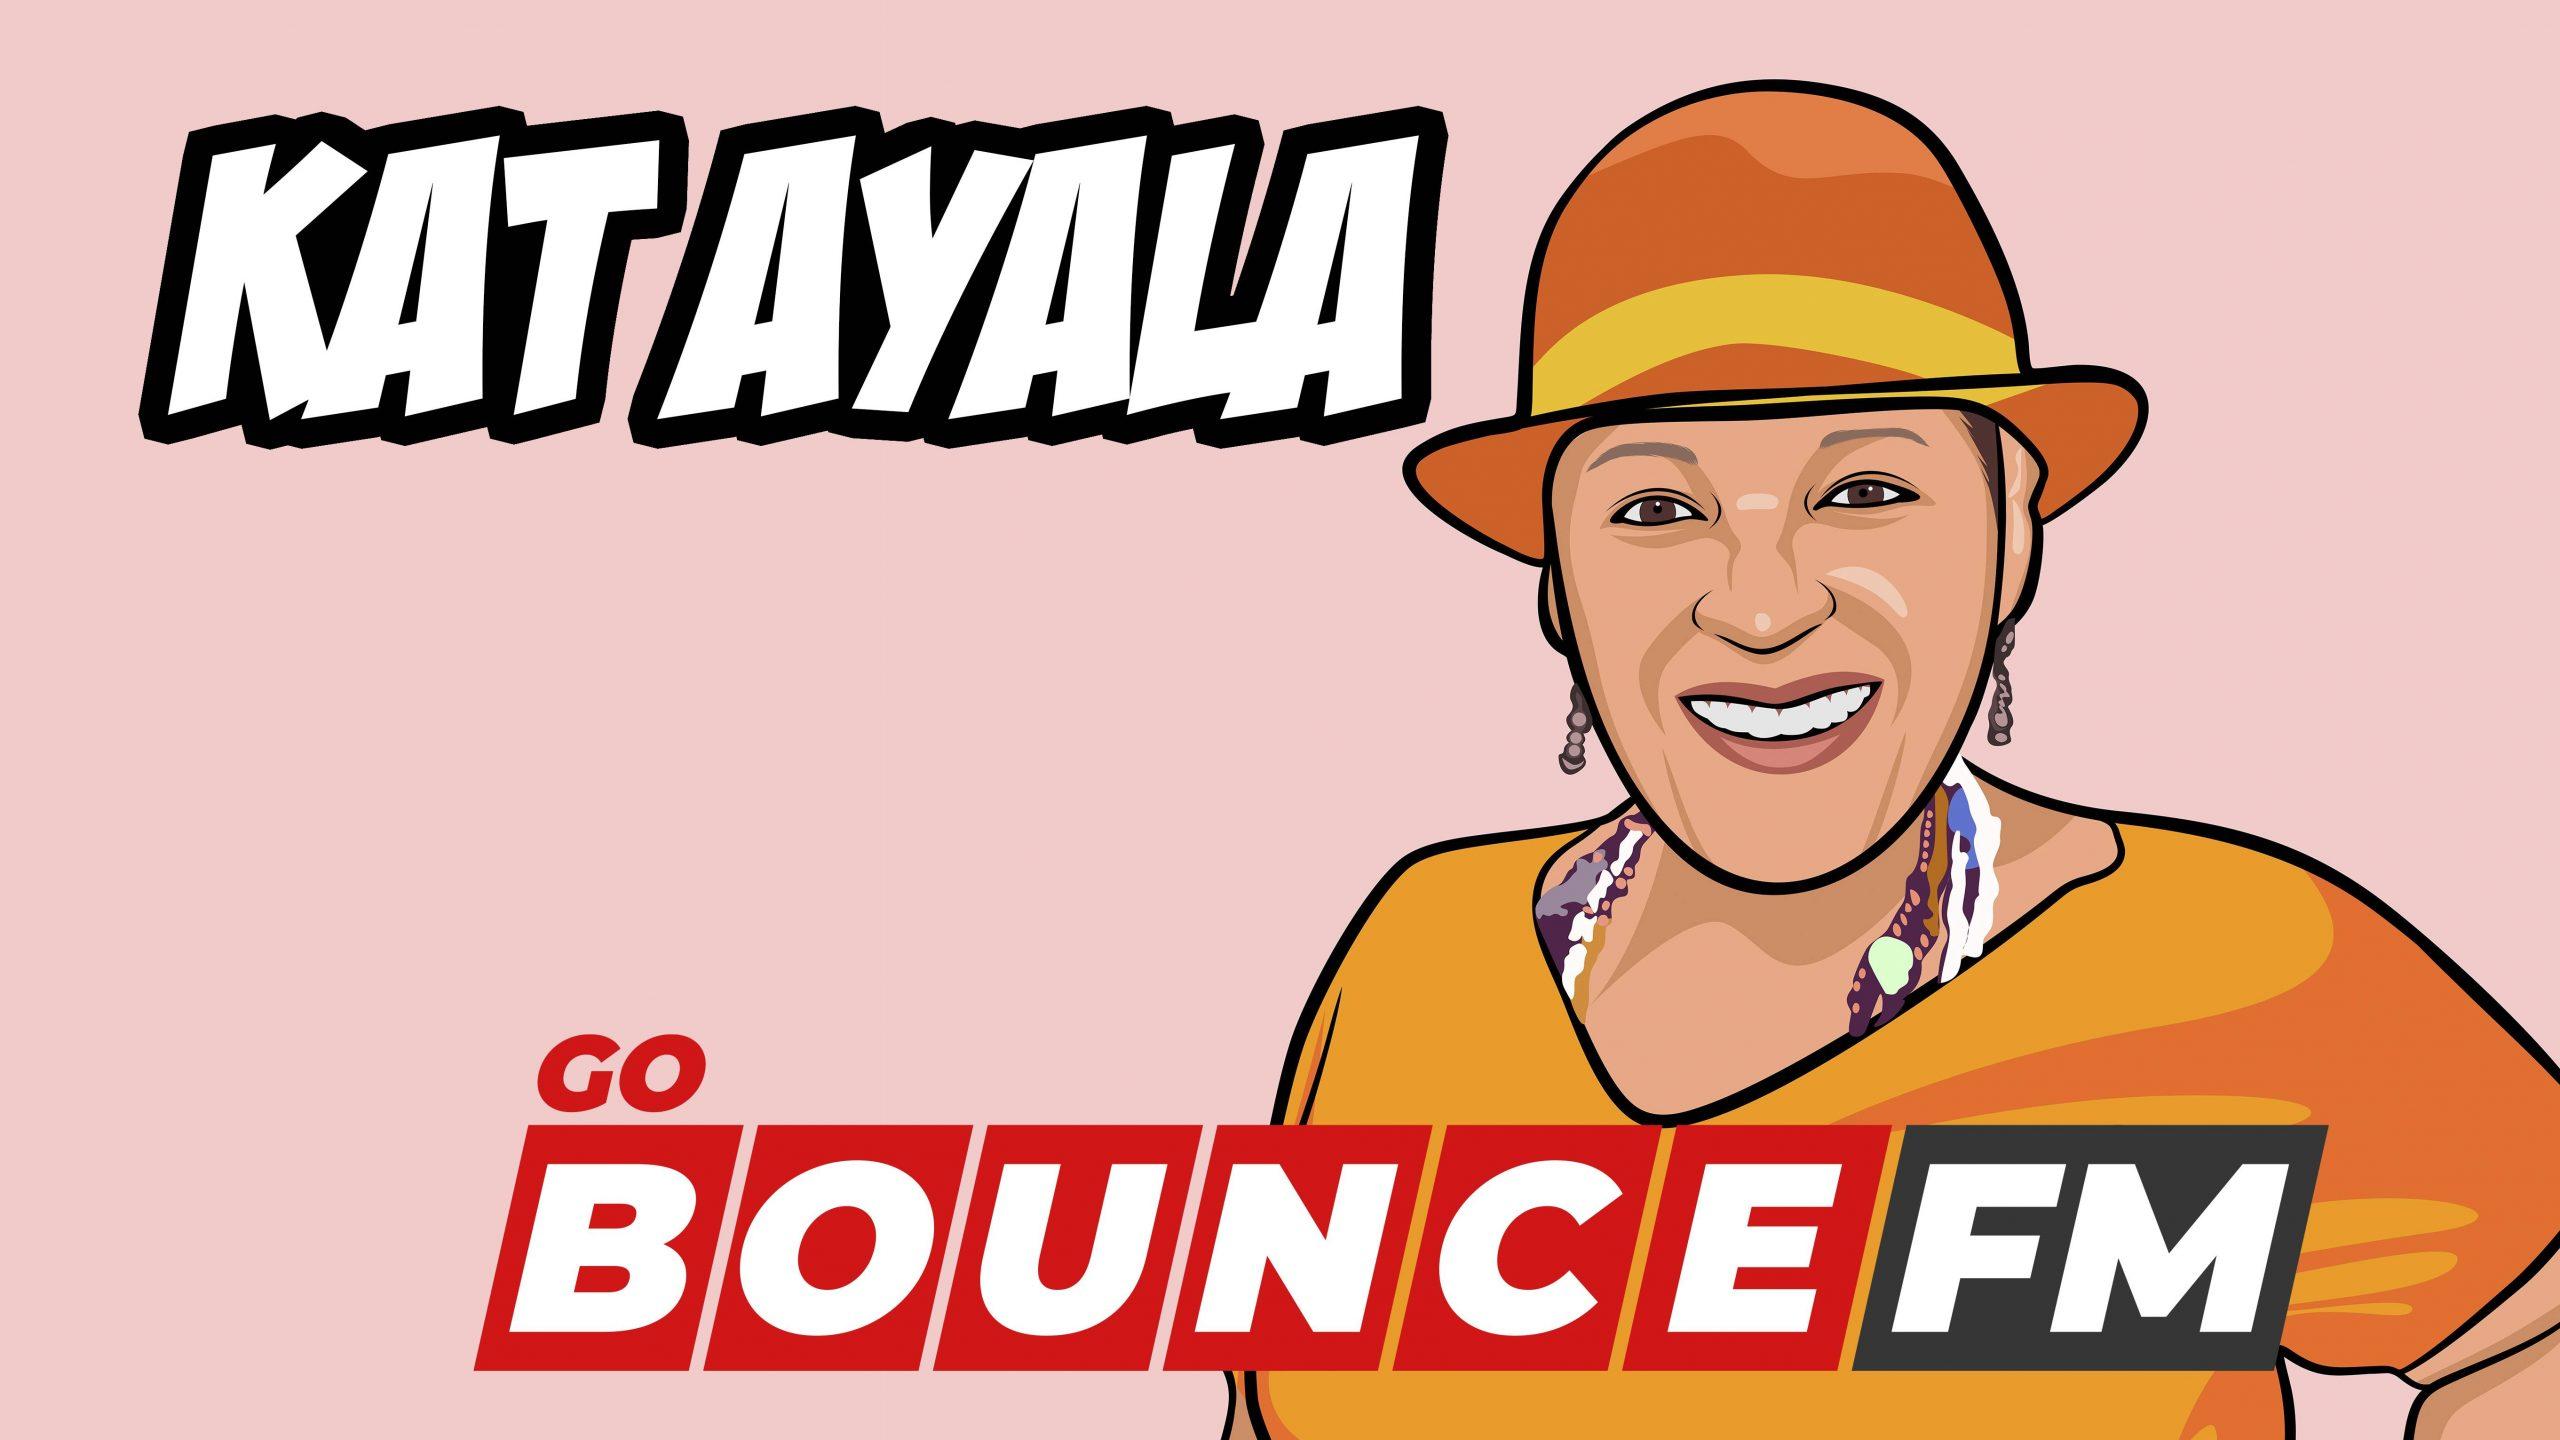 Kat Ayala